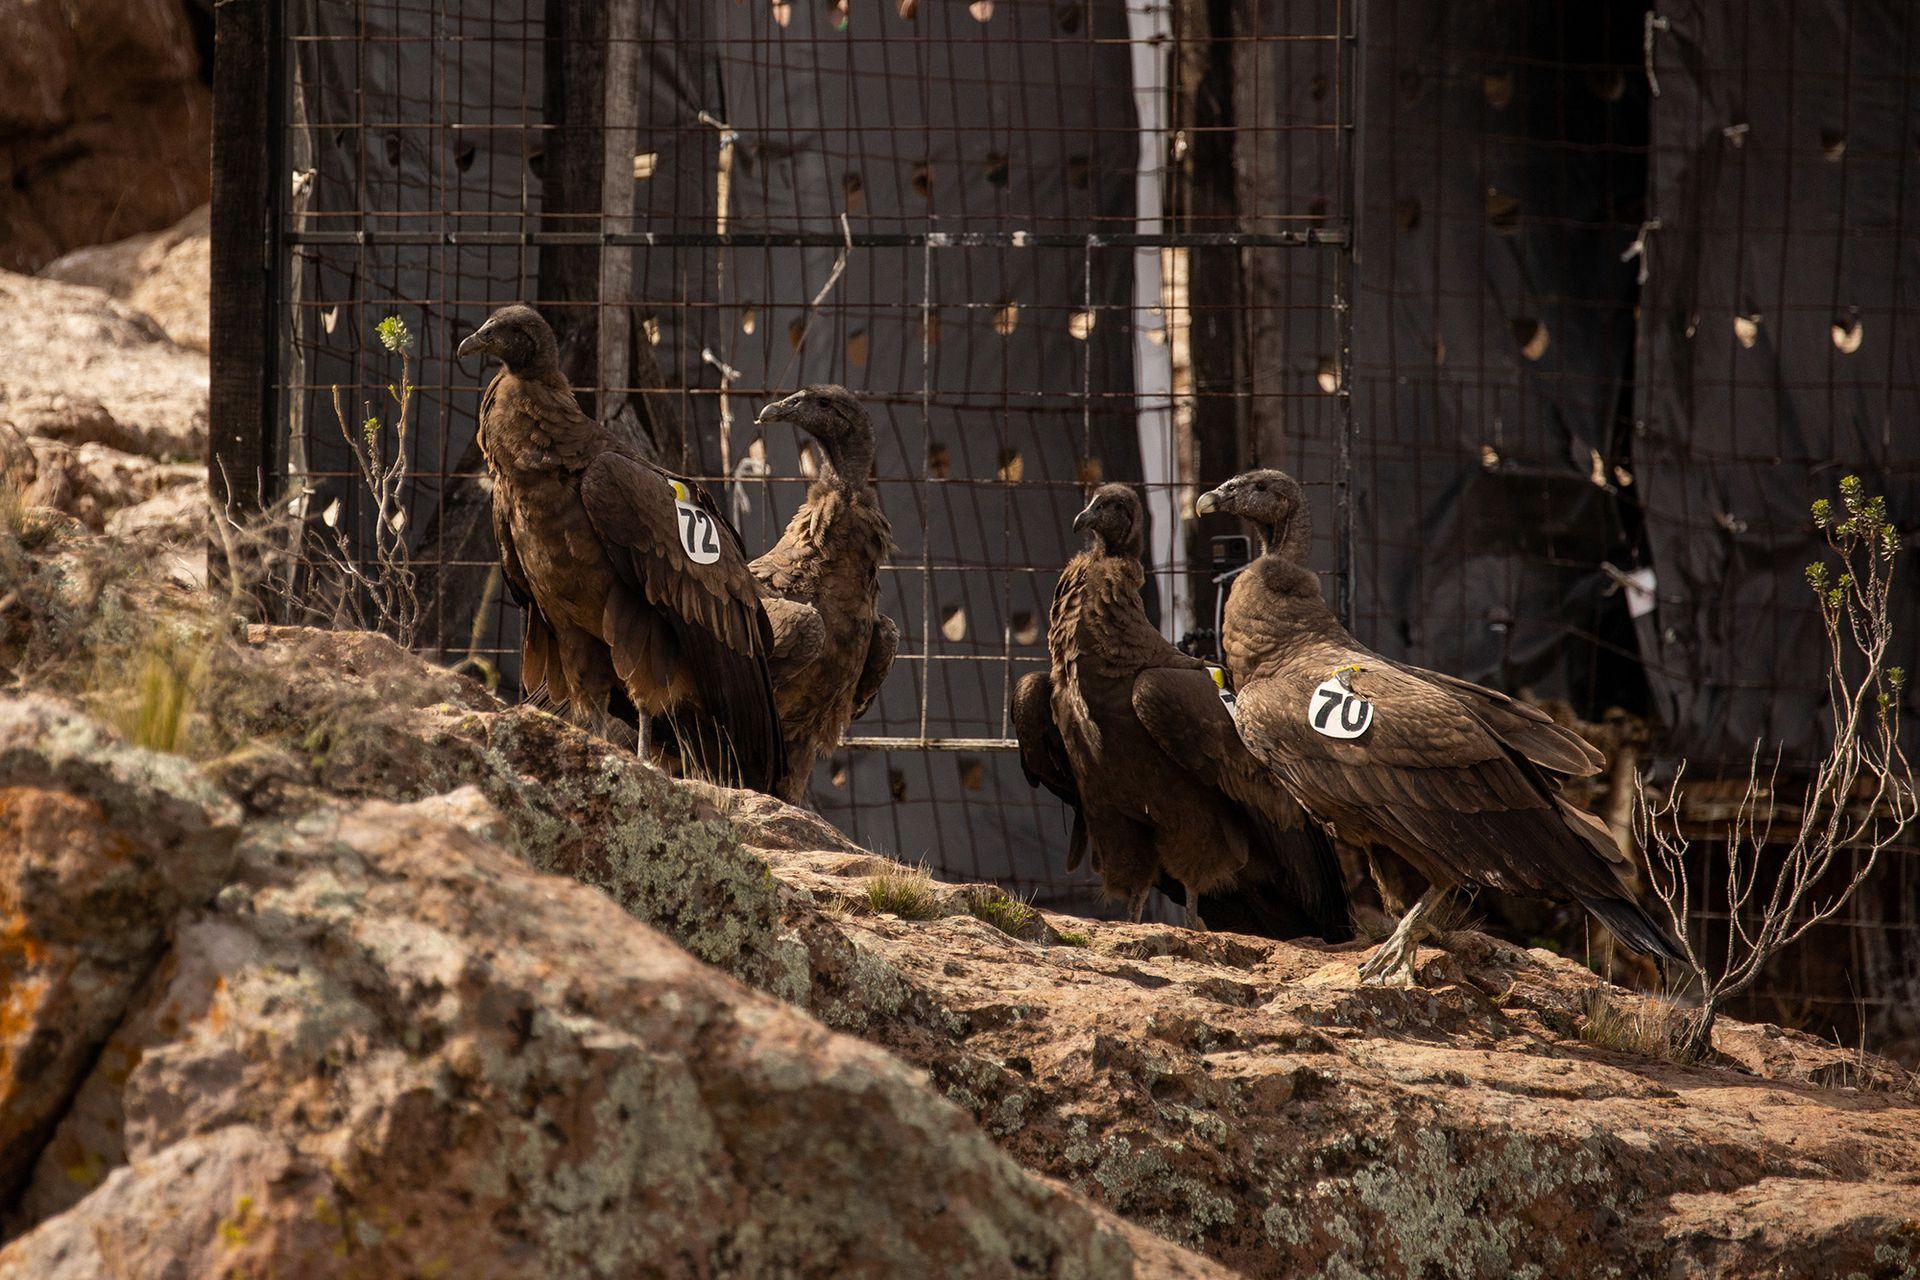 Los cóndores estaban en cautiverio y, luego de un largo proceso de preparación, fueron liberados ayer